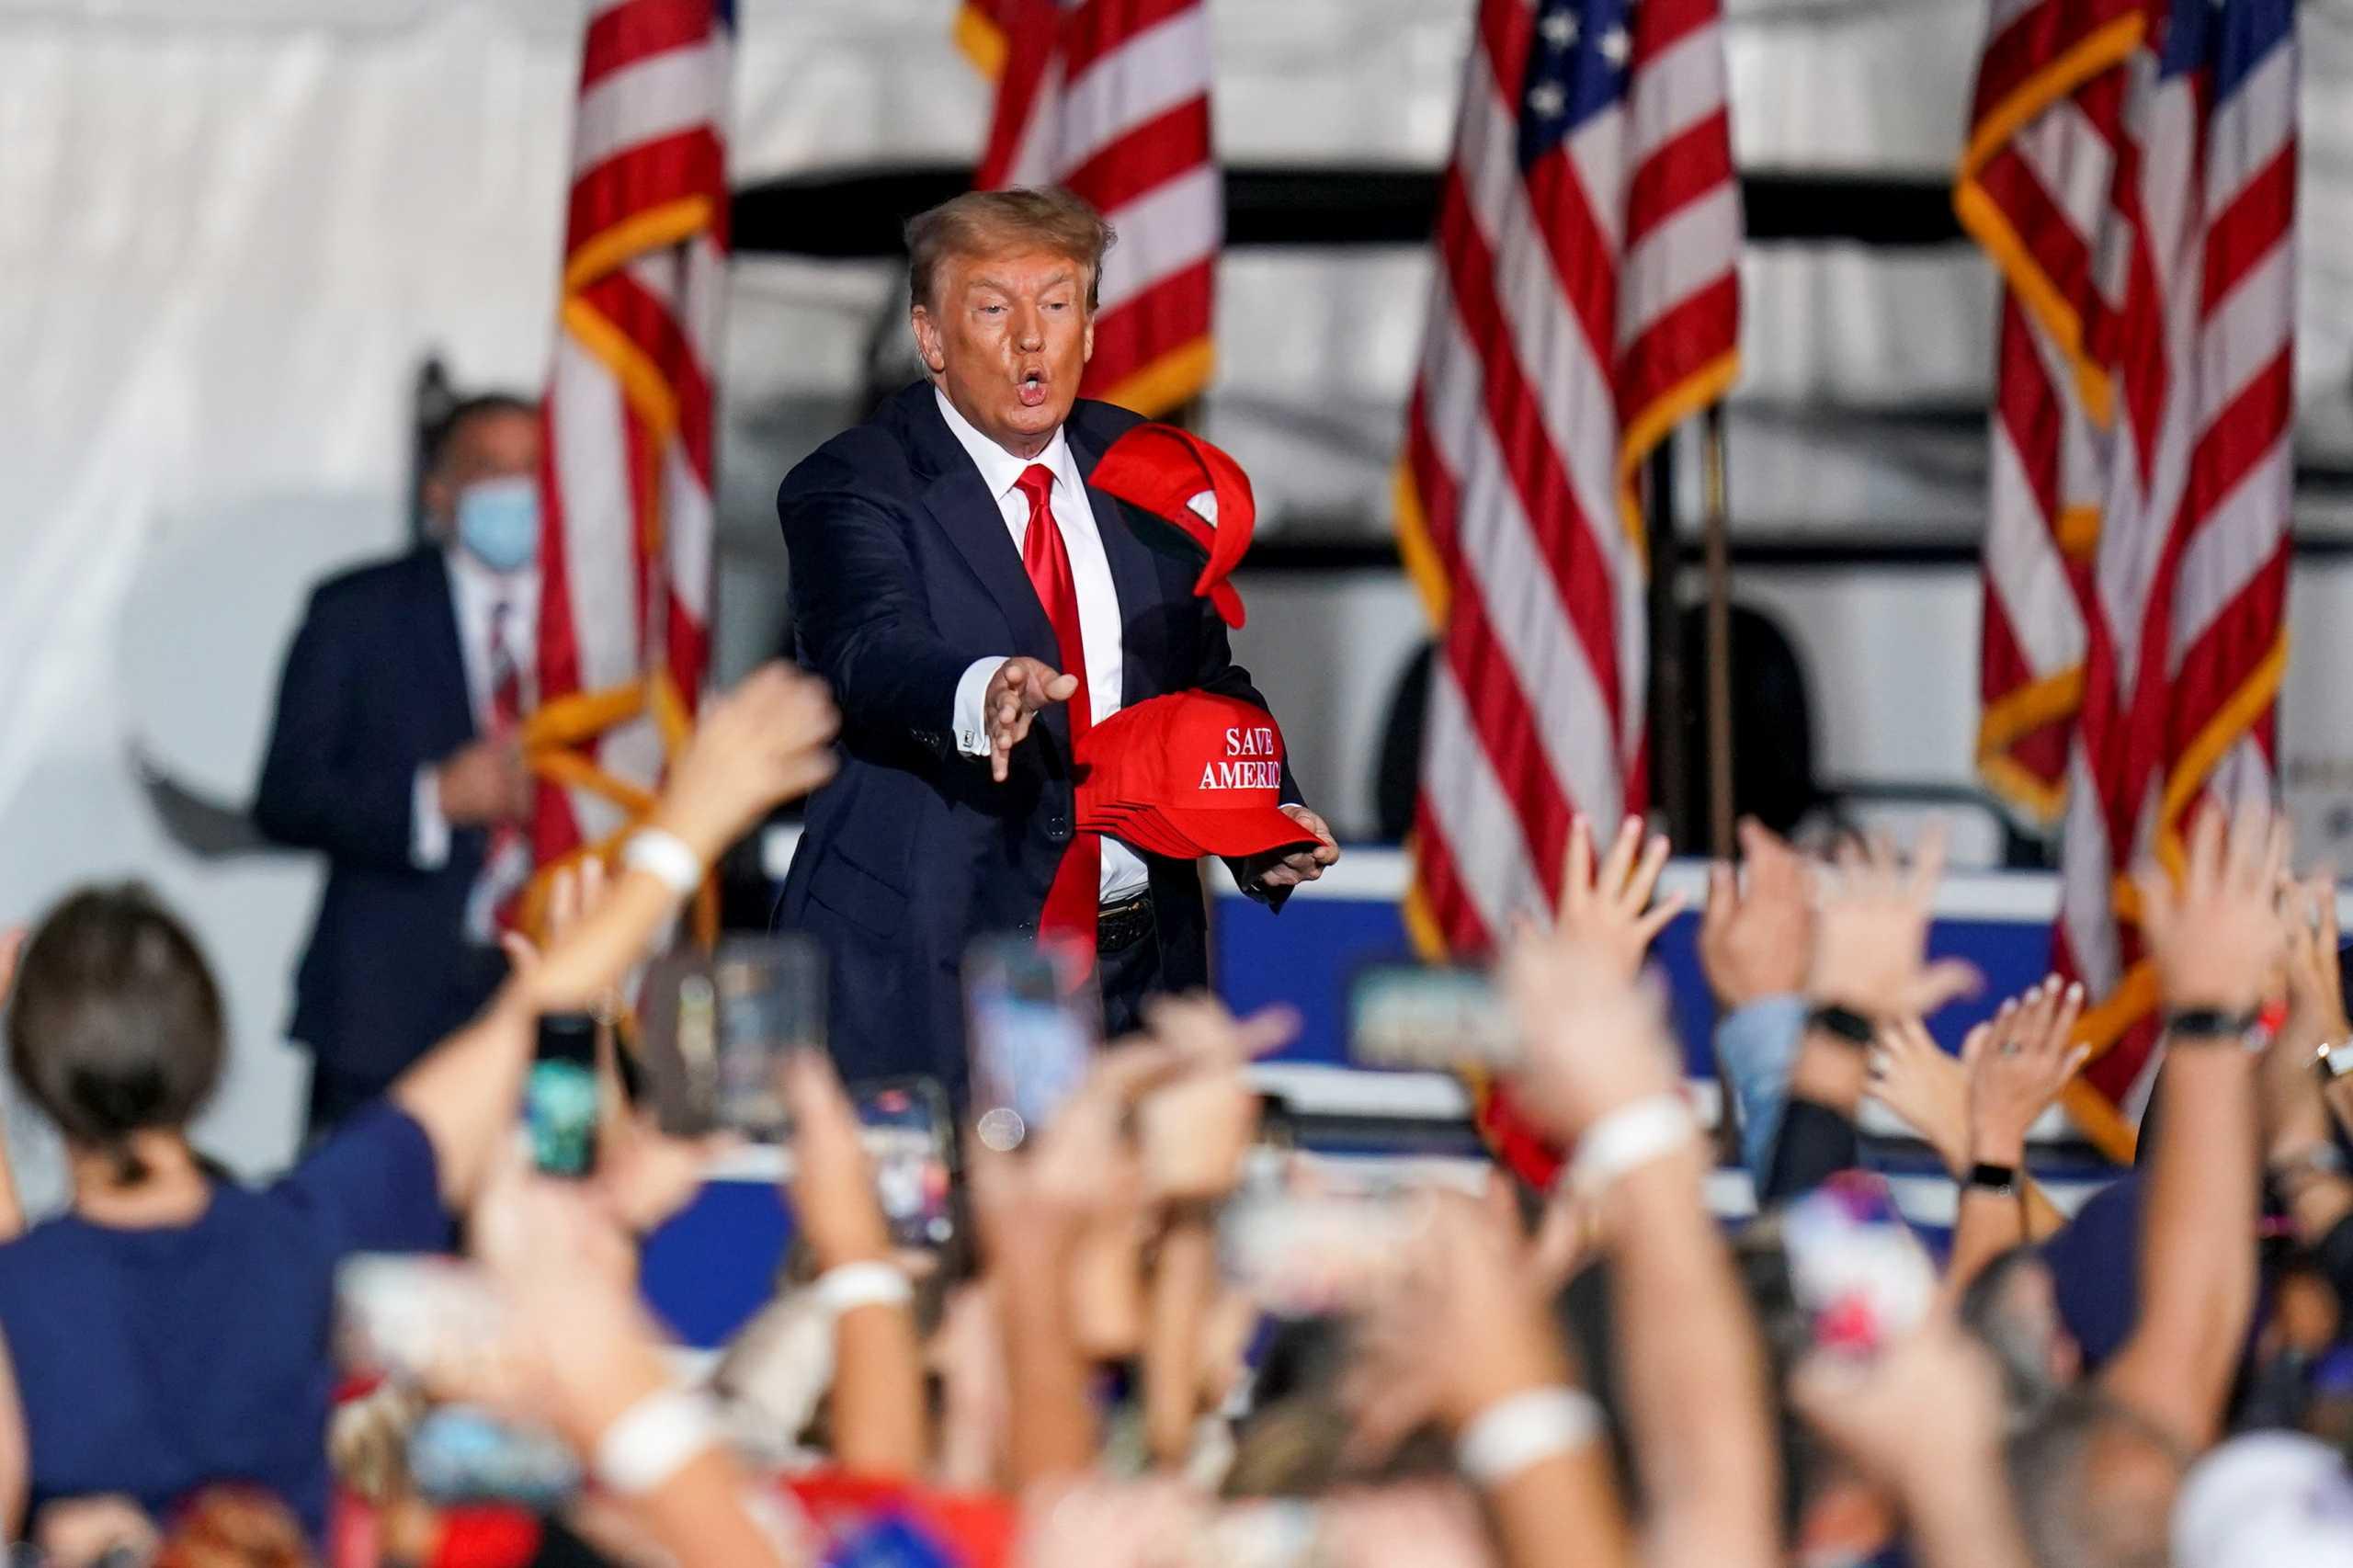 ΗΠΑ: Επίθεση Τραμπ στον πρόεδρο  Μπάιντεν για την «ταπείνωση» στο Αφγανιστάν – Η Δύση εγκατέλειψε τη χώρα λέει ο Τόνι Μπλερ